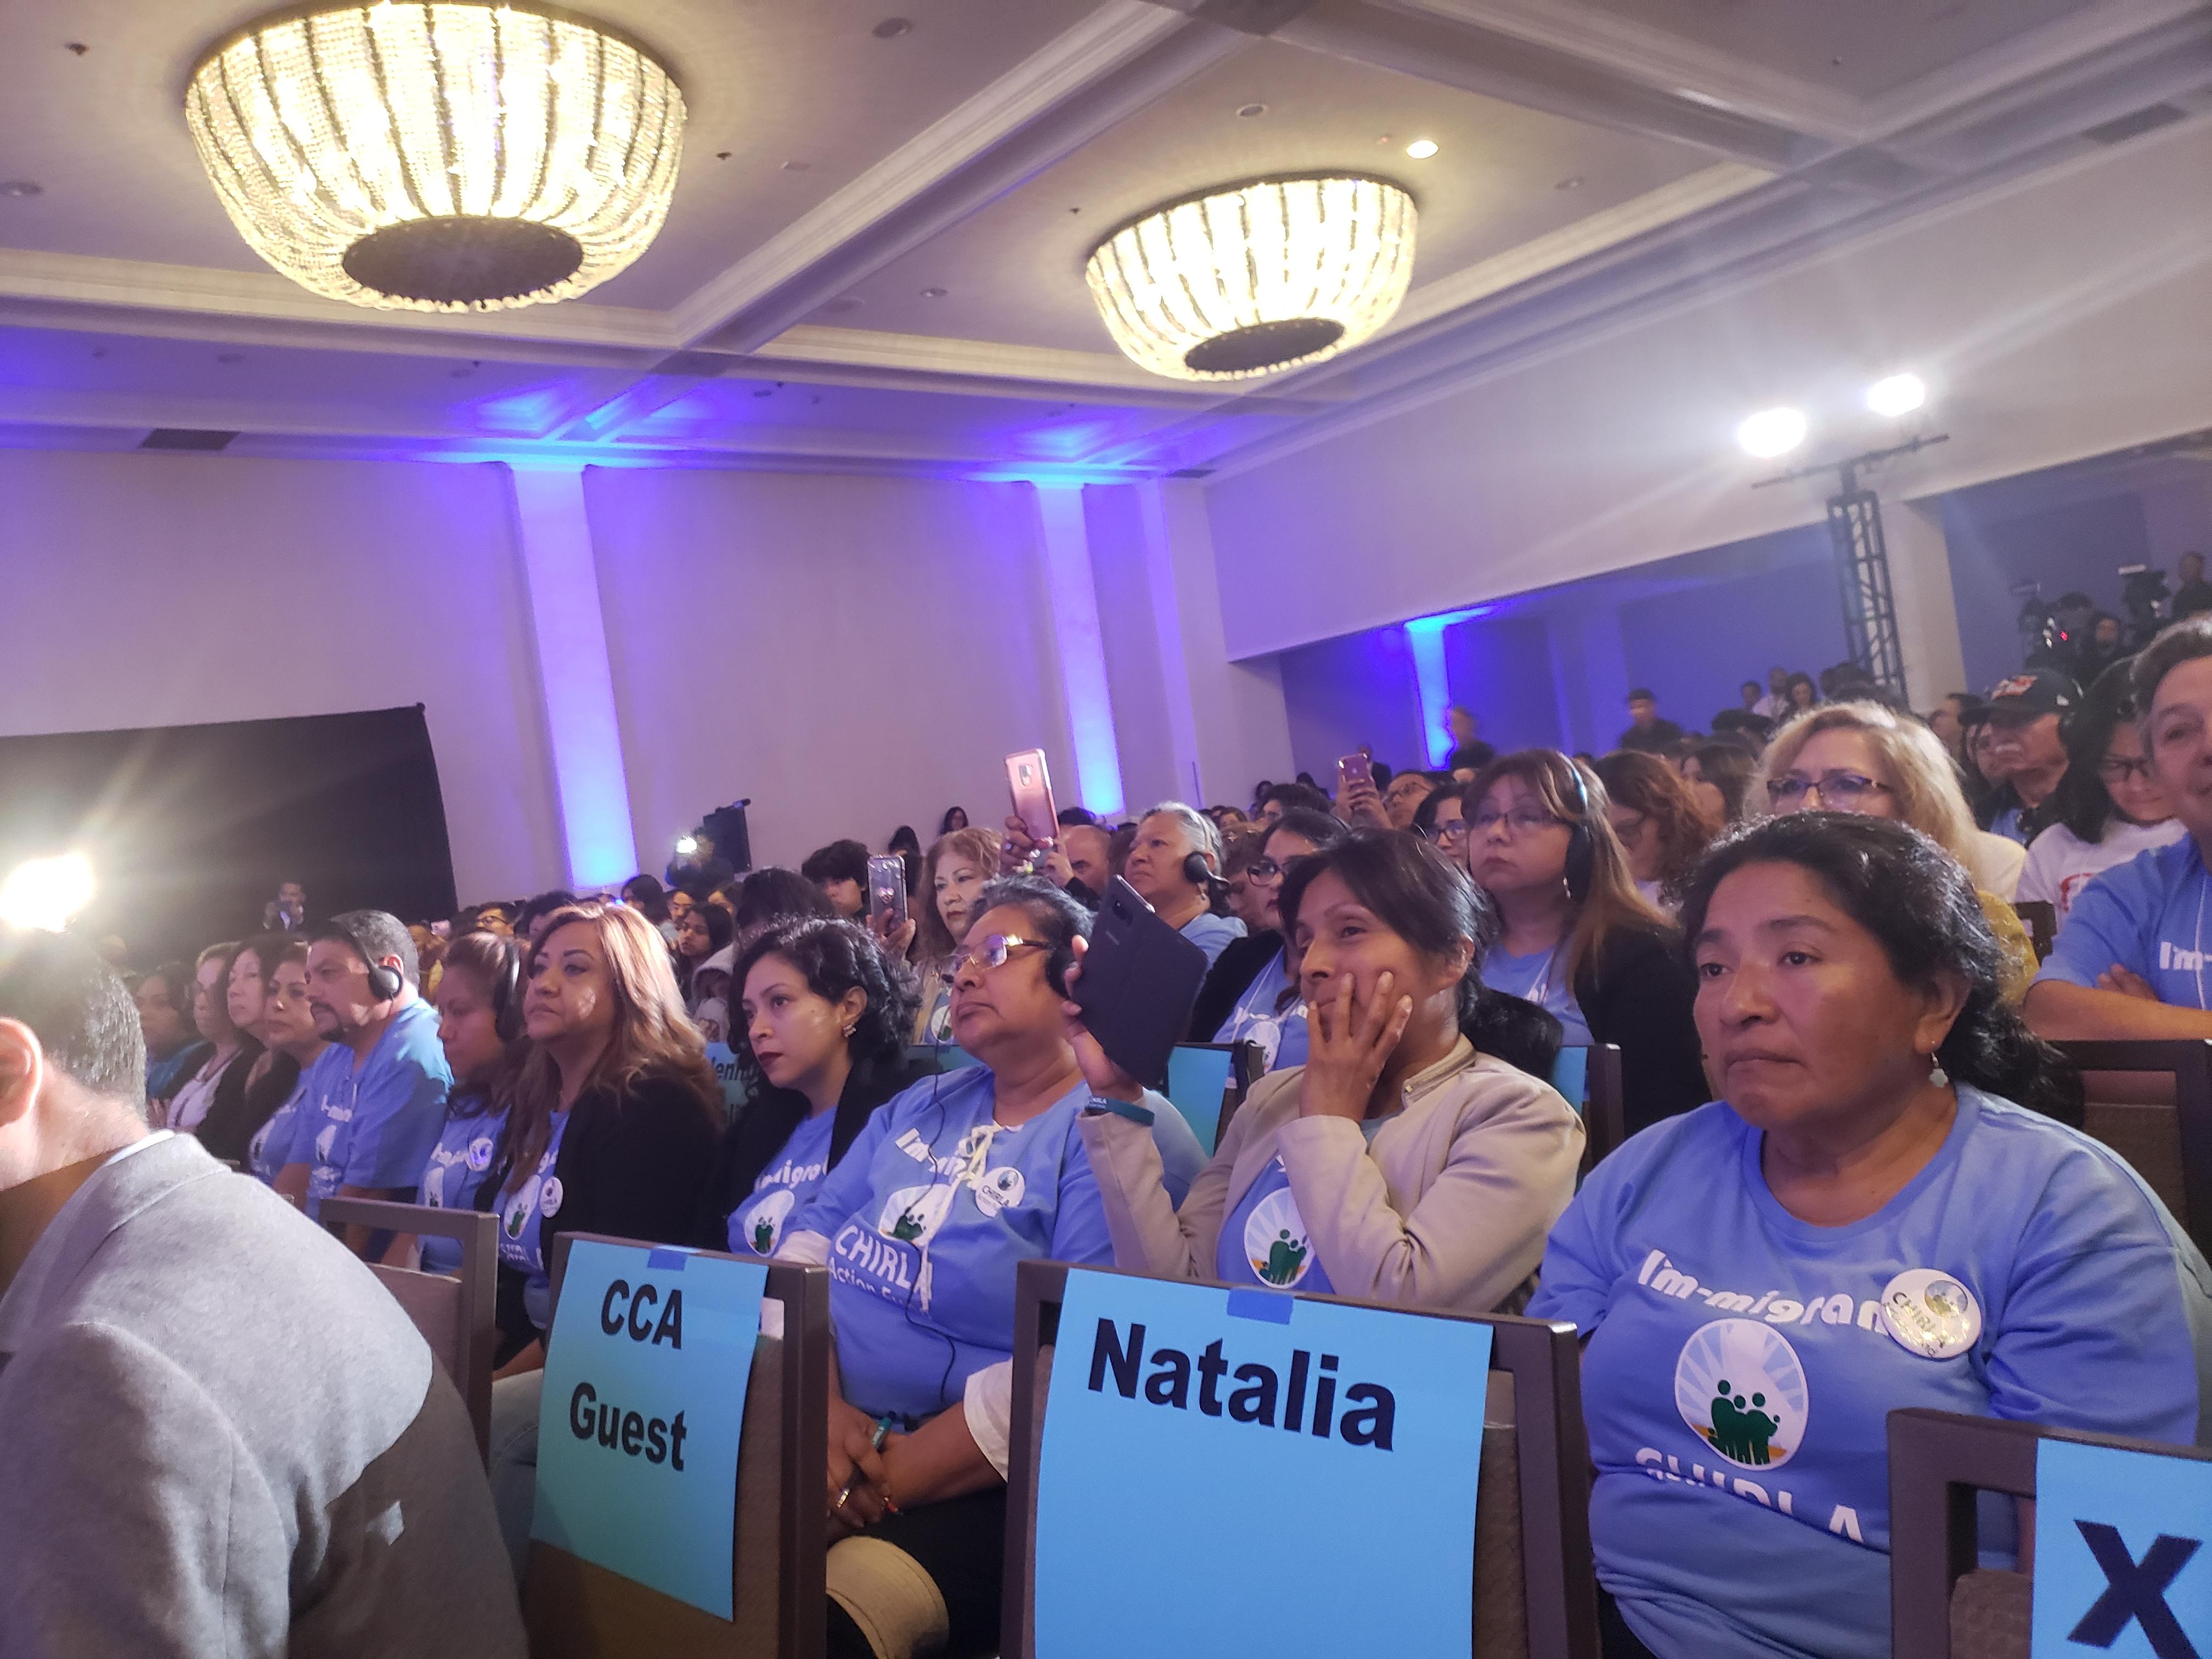 Asistentes al foro escuchan con mucha atencion a los candidatos. Foto: Ruben Tapia